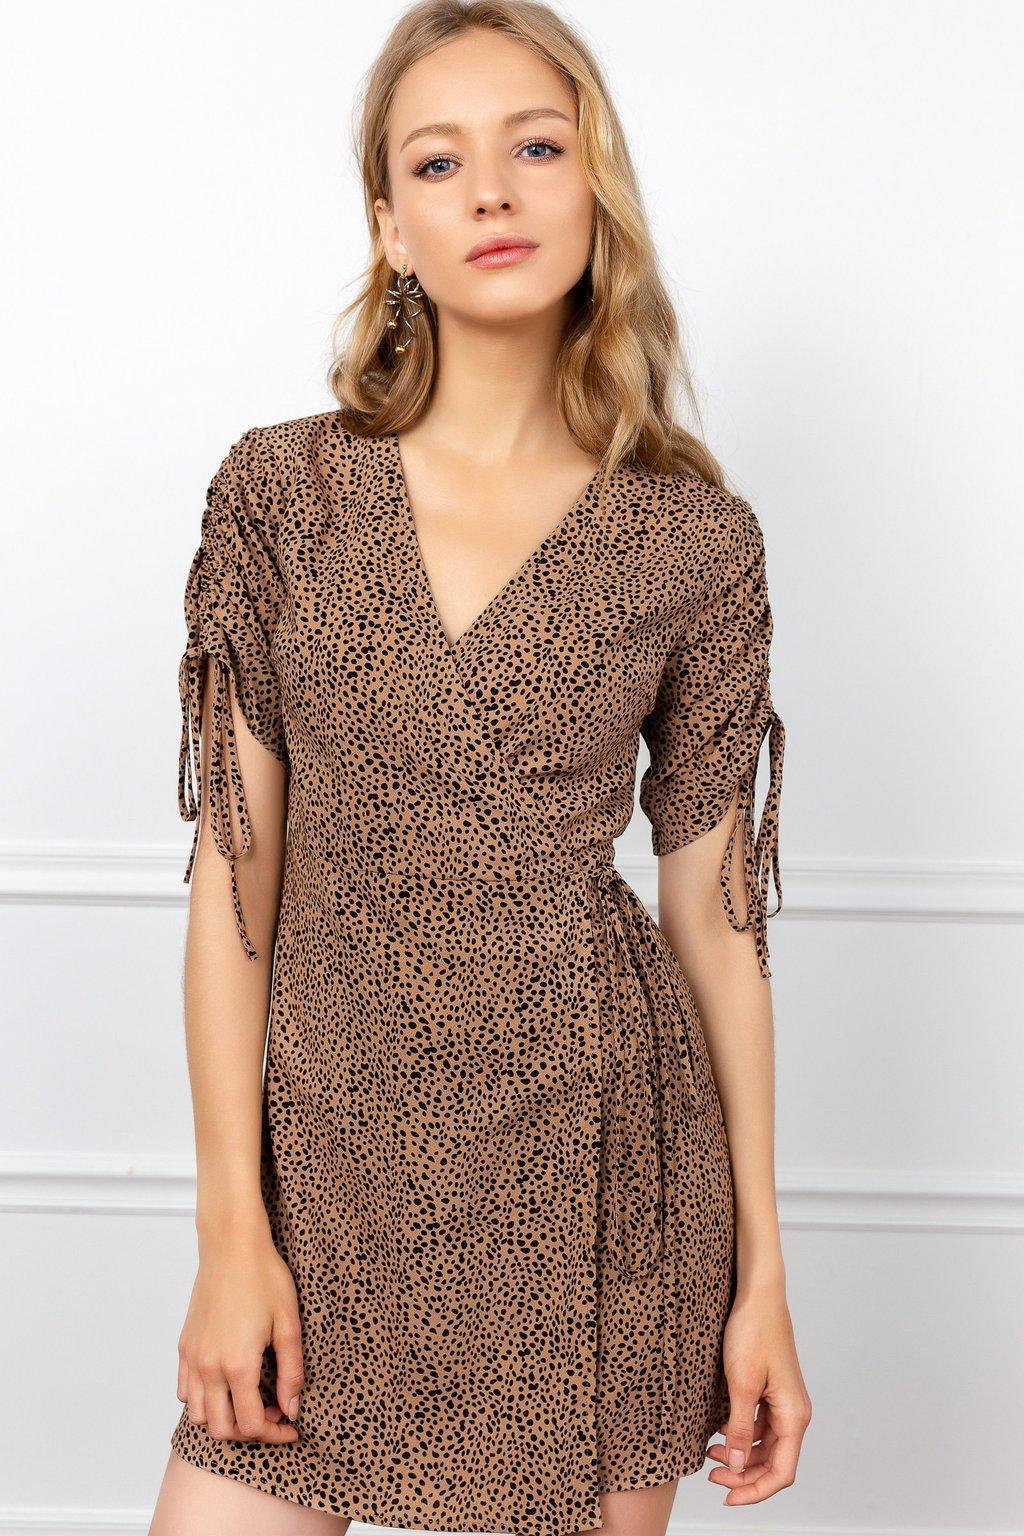 Cheetah Surplice Mini Dress by J.ING LA women's fashion